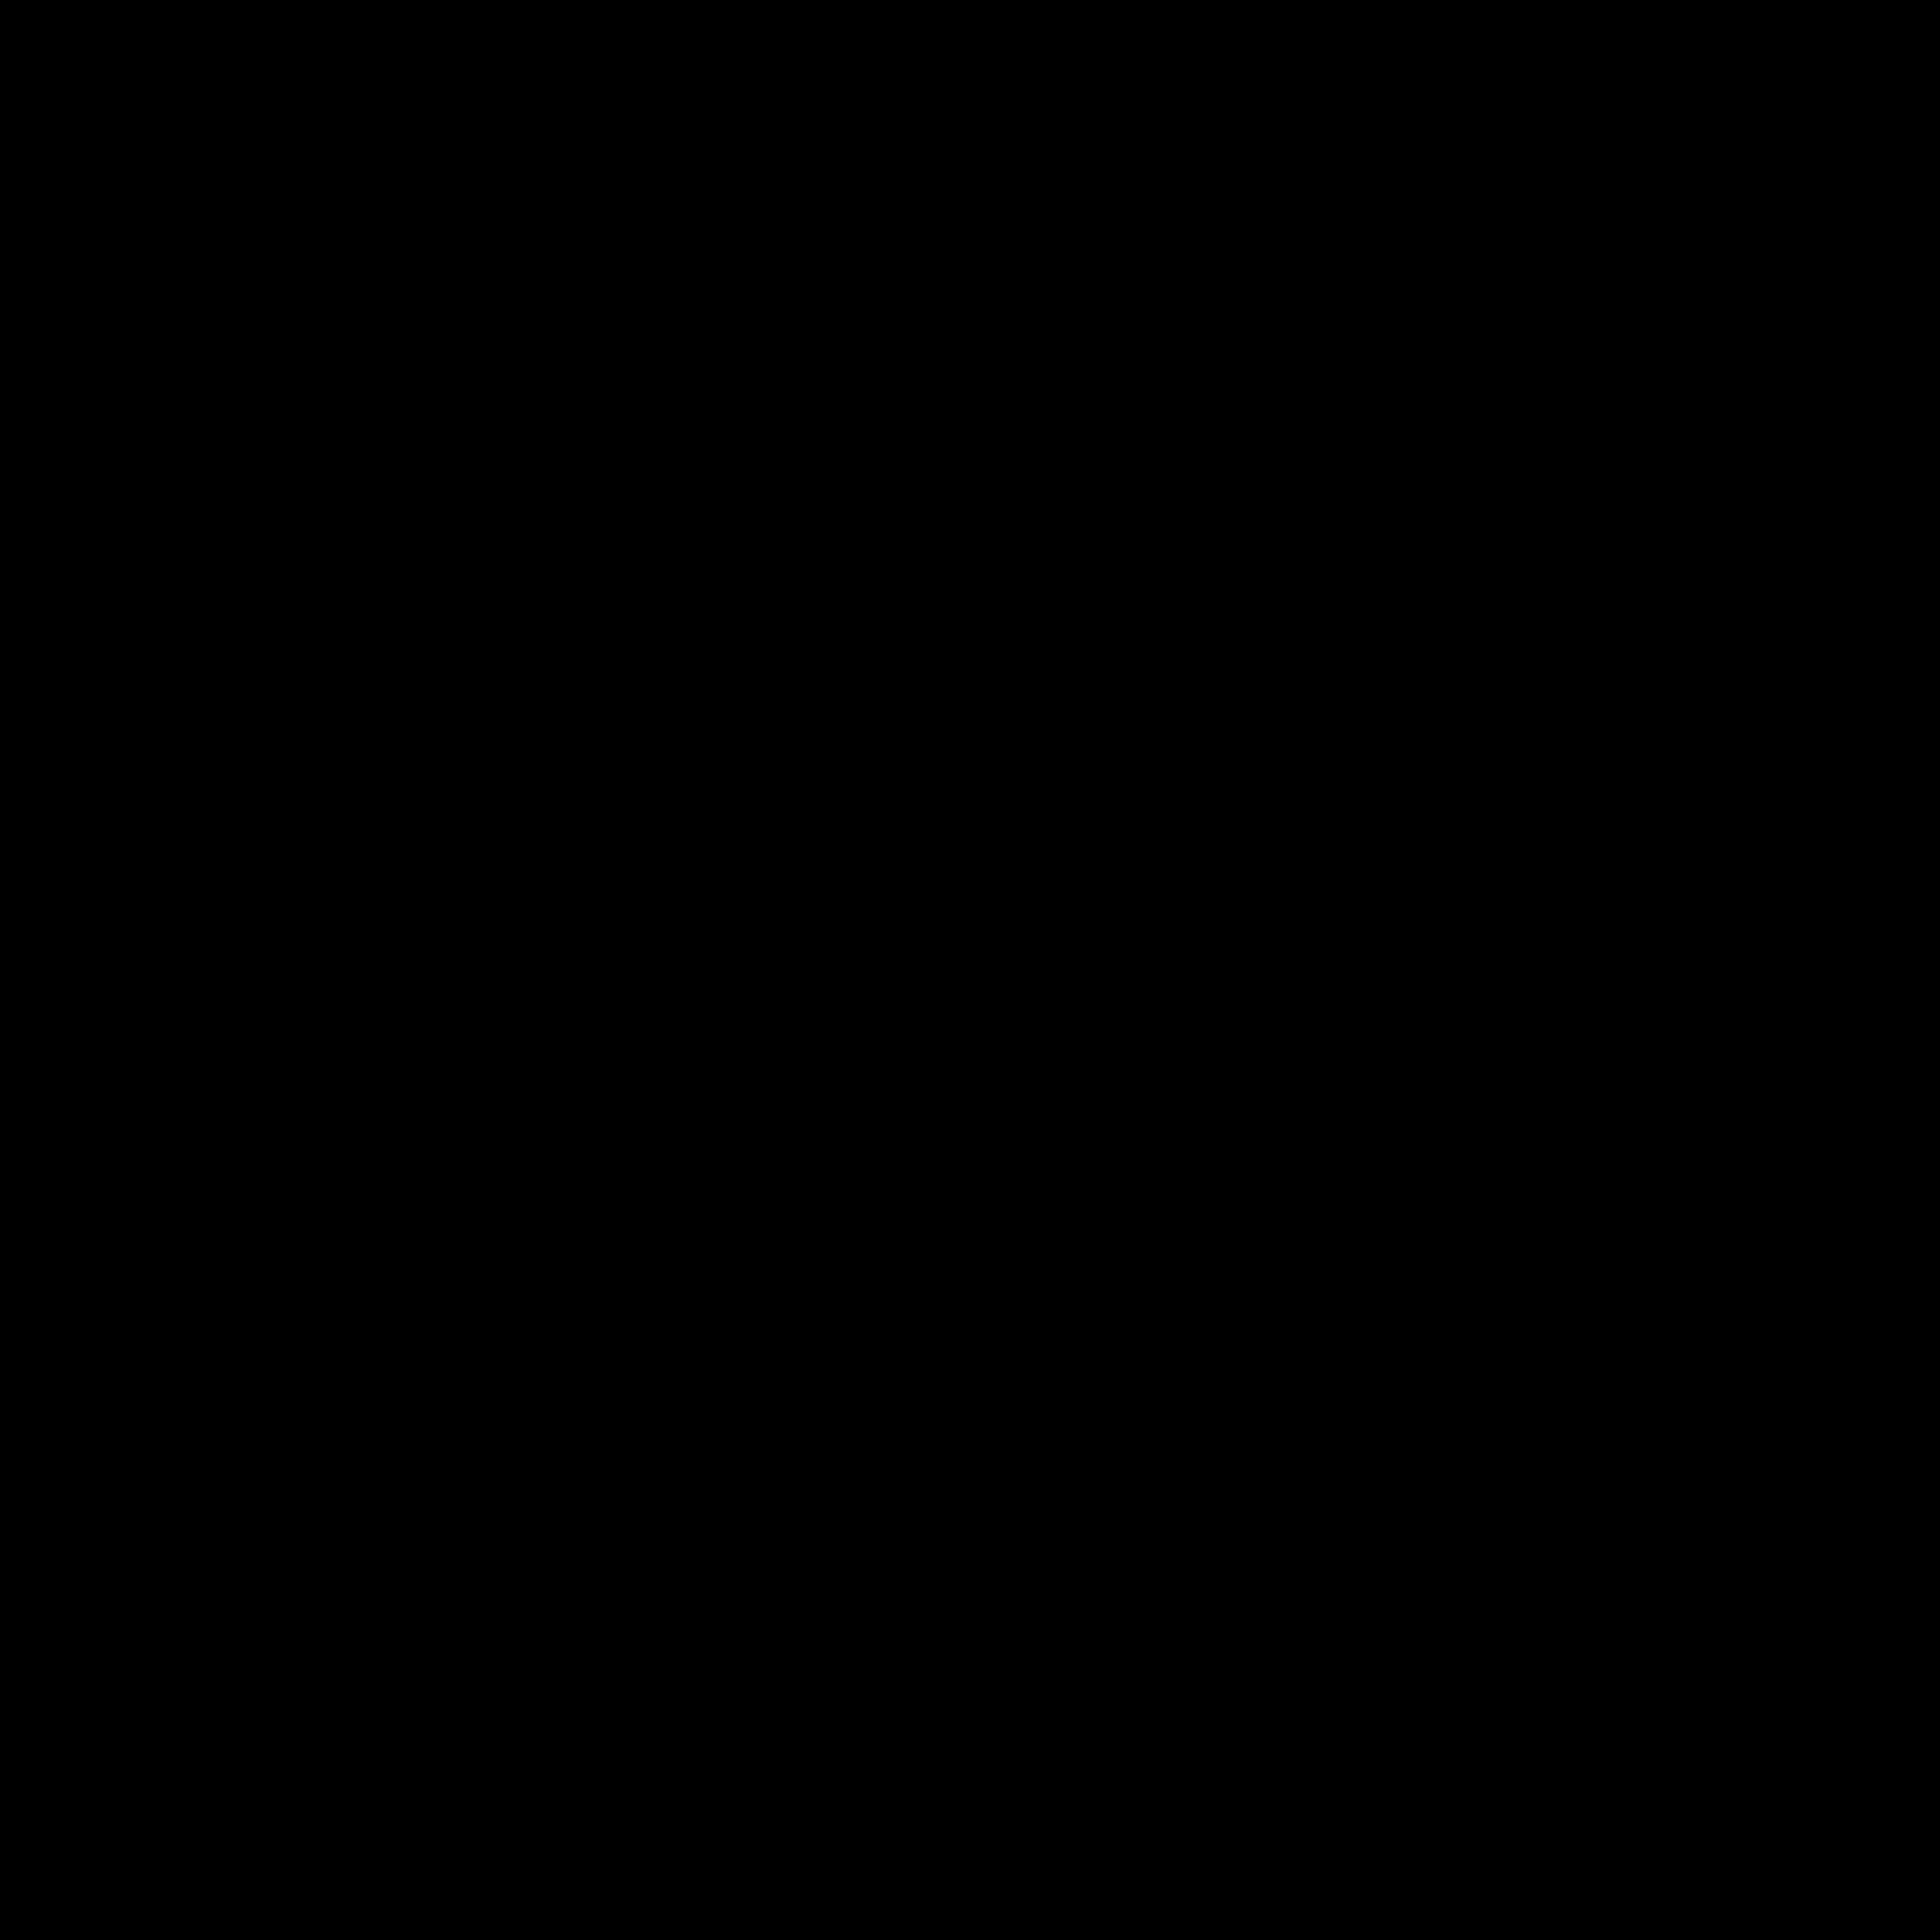 Yoga PNG - 8582